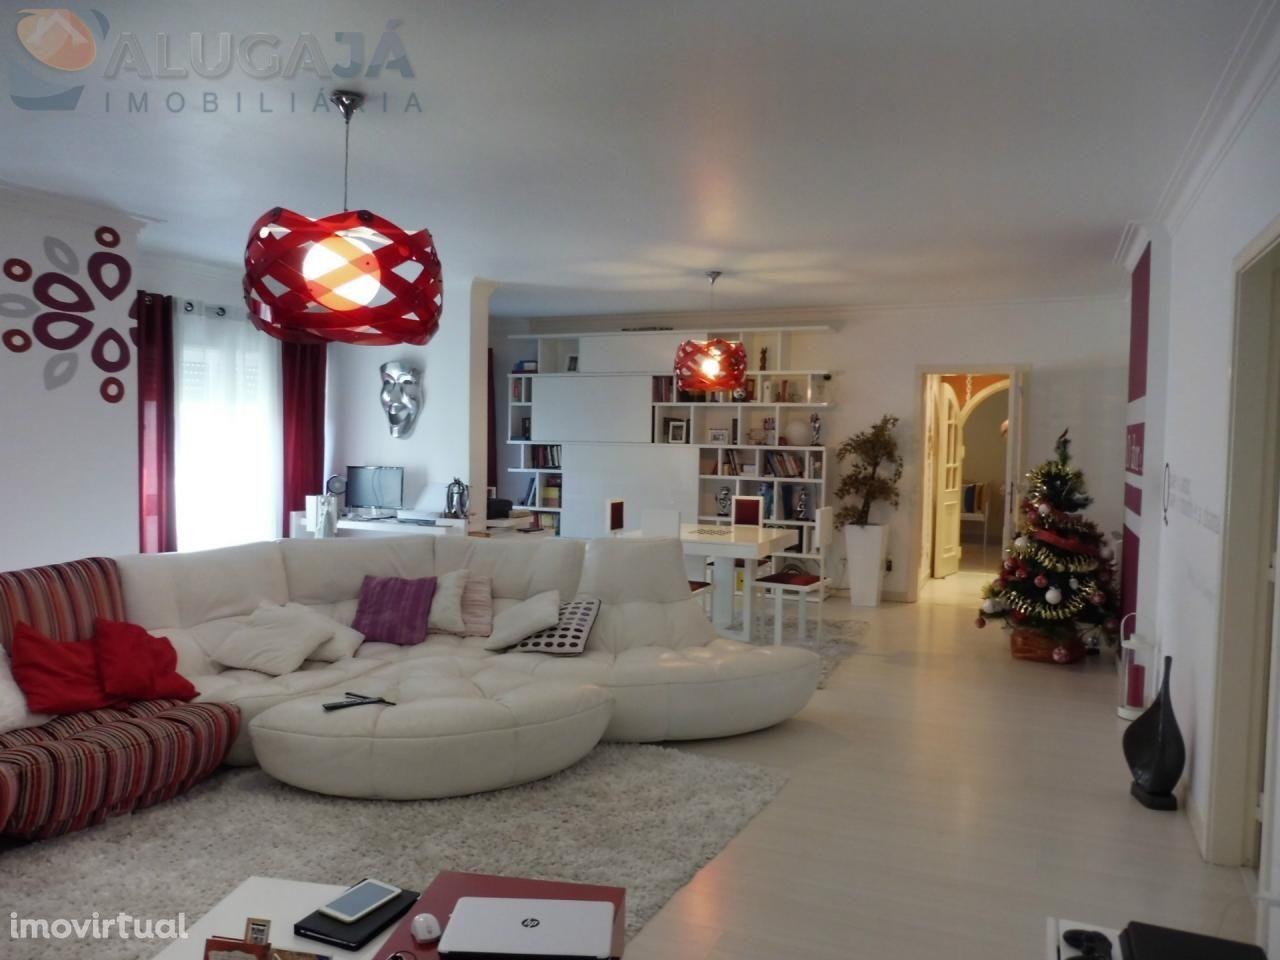 Belas/Campinas - Apartamento T4+1 com 178m² e ampla garagem box